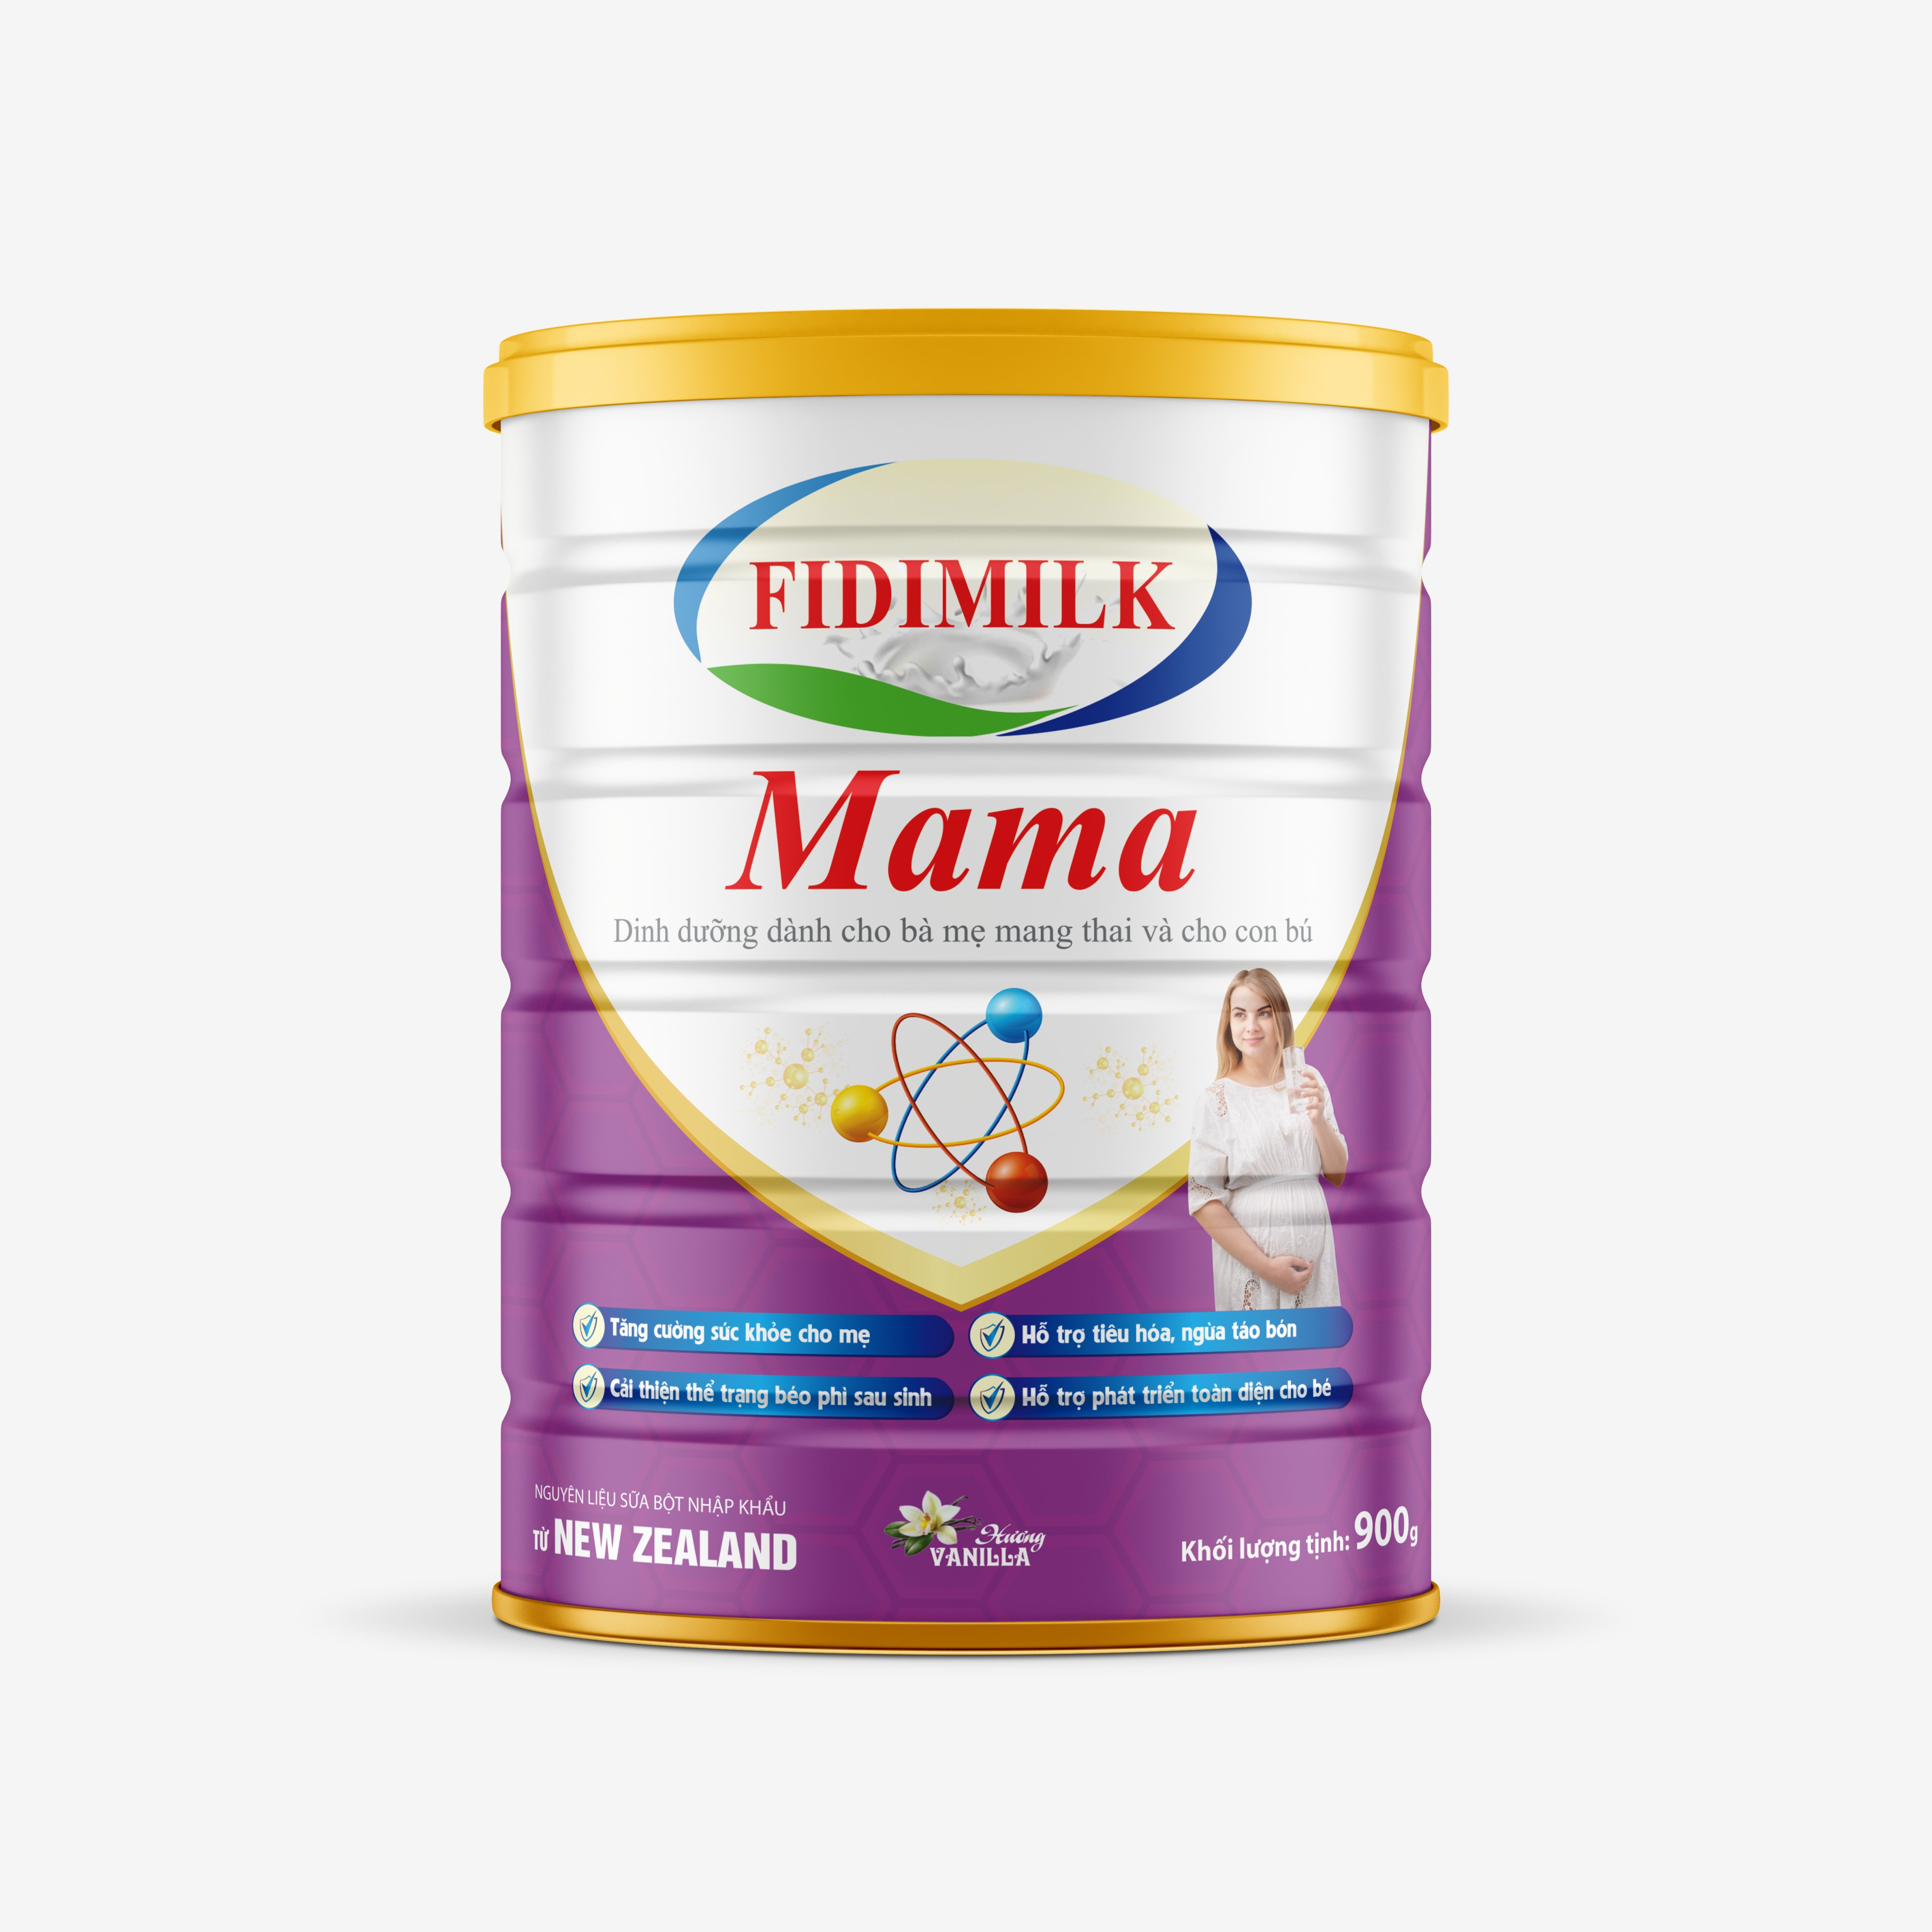 SỮA BỘT FIDIMILK MAMA